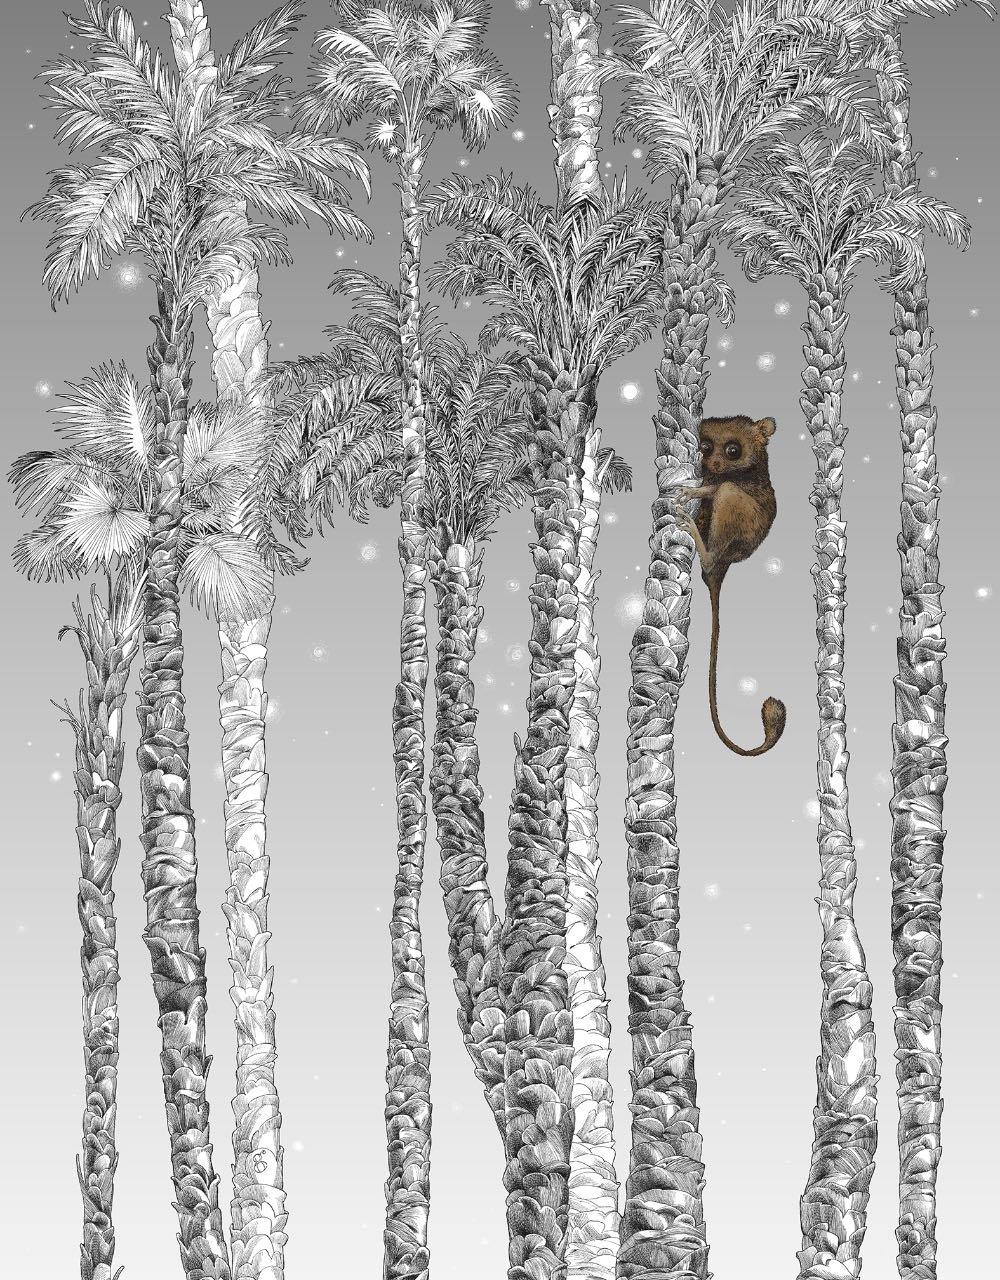 フランス壁紙 1ロール(3m) フリース(不織布) - 防炎加工 by キャサリン・グラン 《ヌイ・テリエン - 右》 ブラック & ホワイト by Edmond Petit (エドモンプティ)